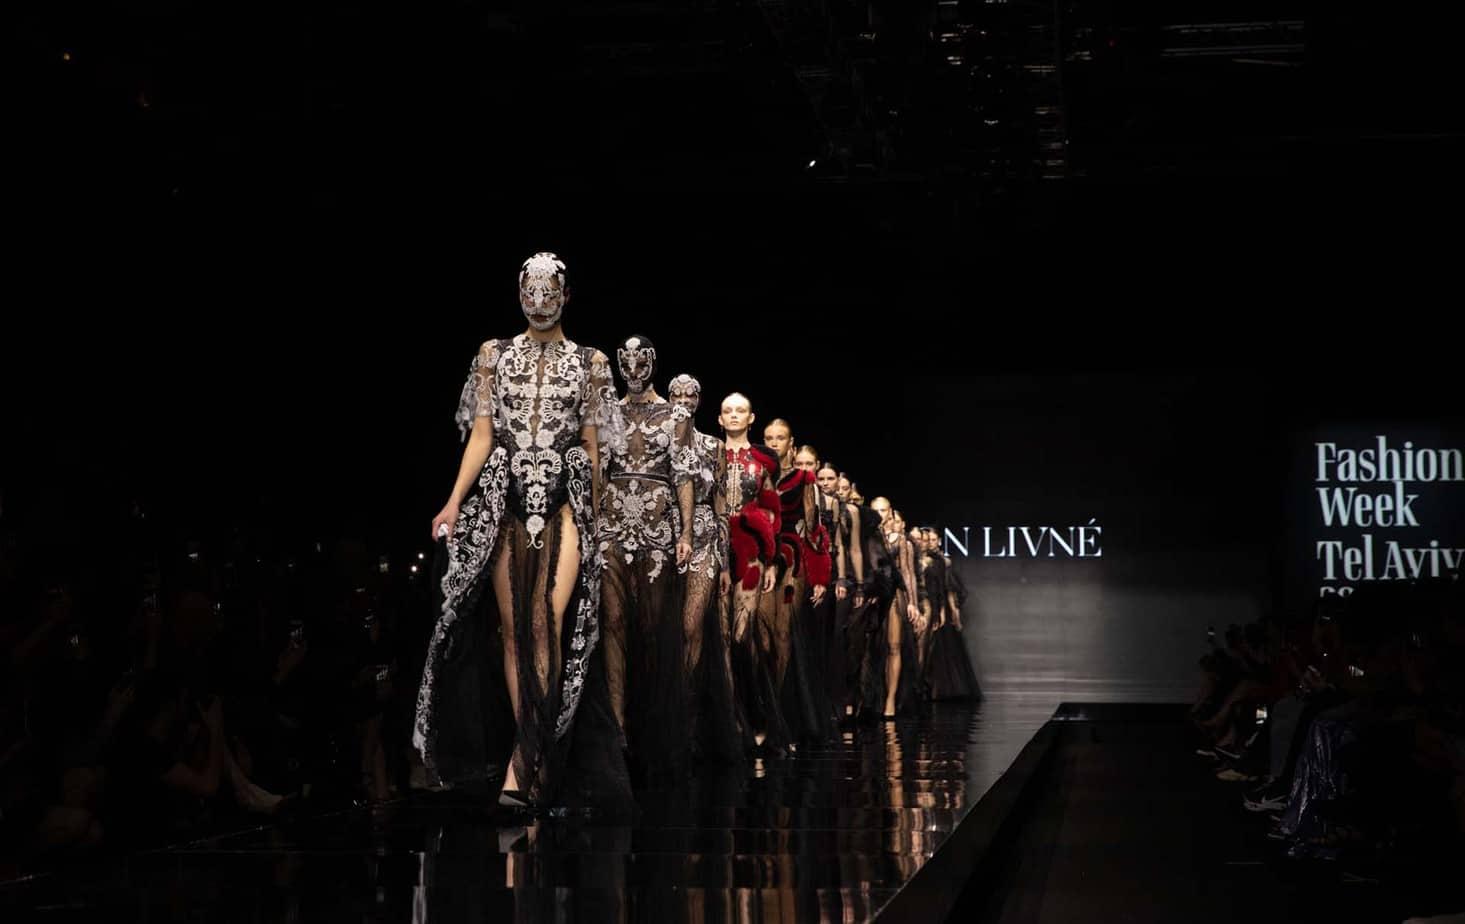 אלון ליבנה. שבוע האופנה תל אביב 2019. צילום עומר קפלן - 10